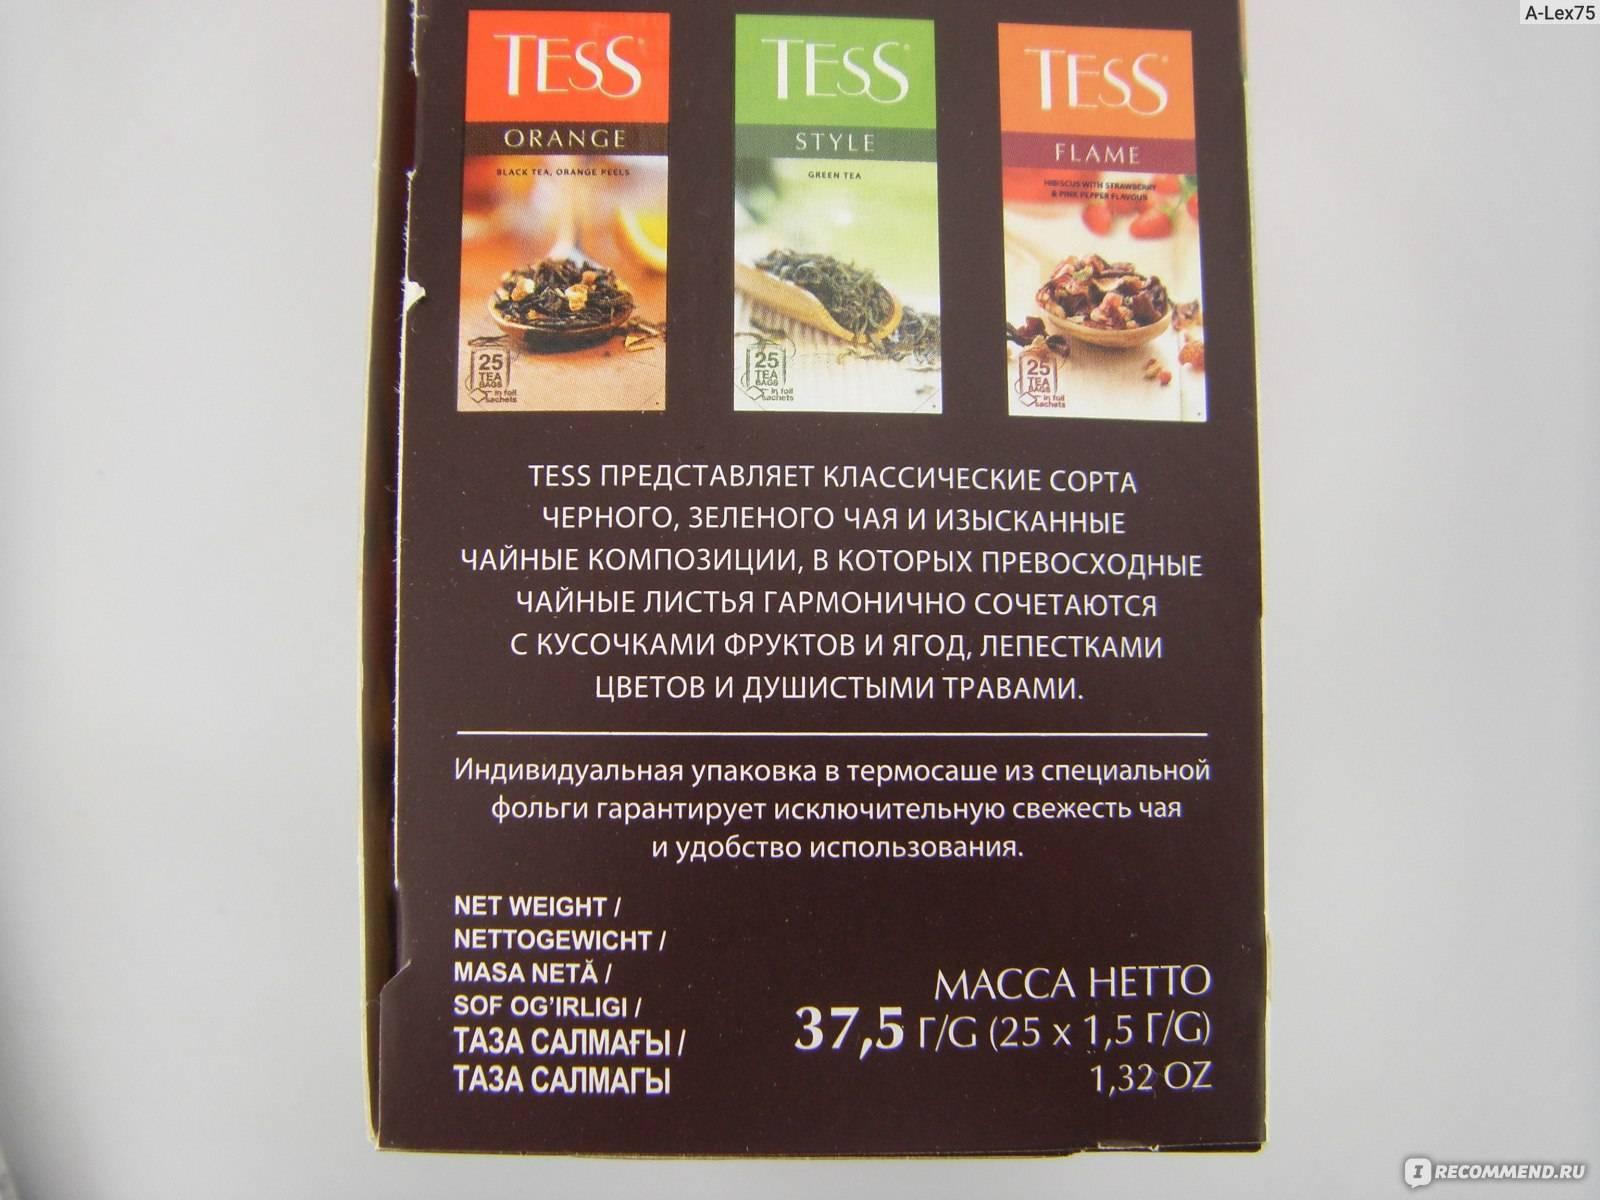 Чай в пакетиках: польза и вред, особенности напитка